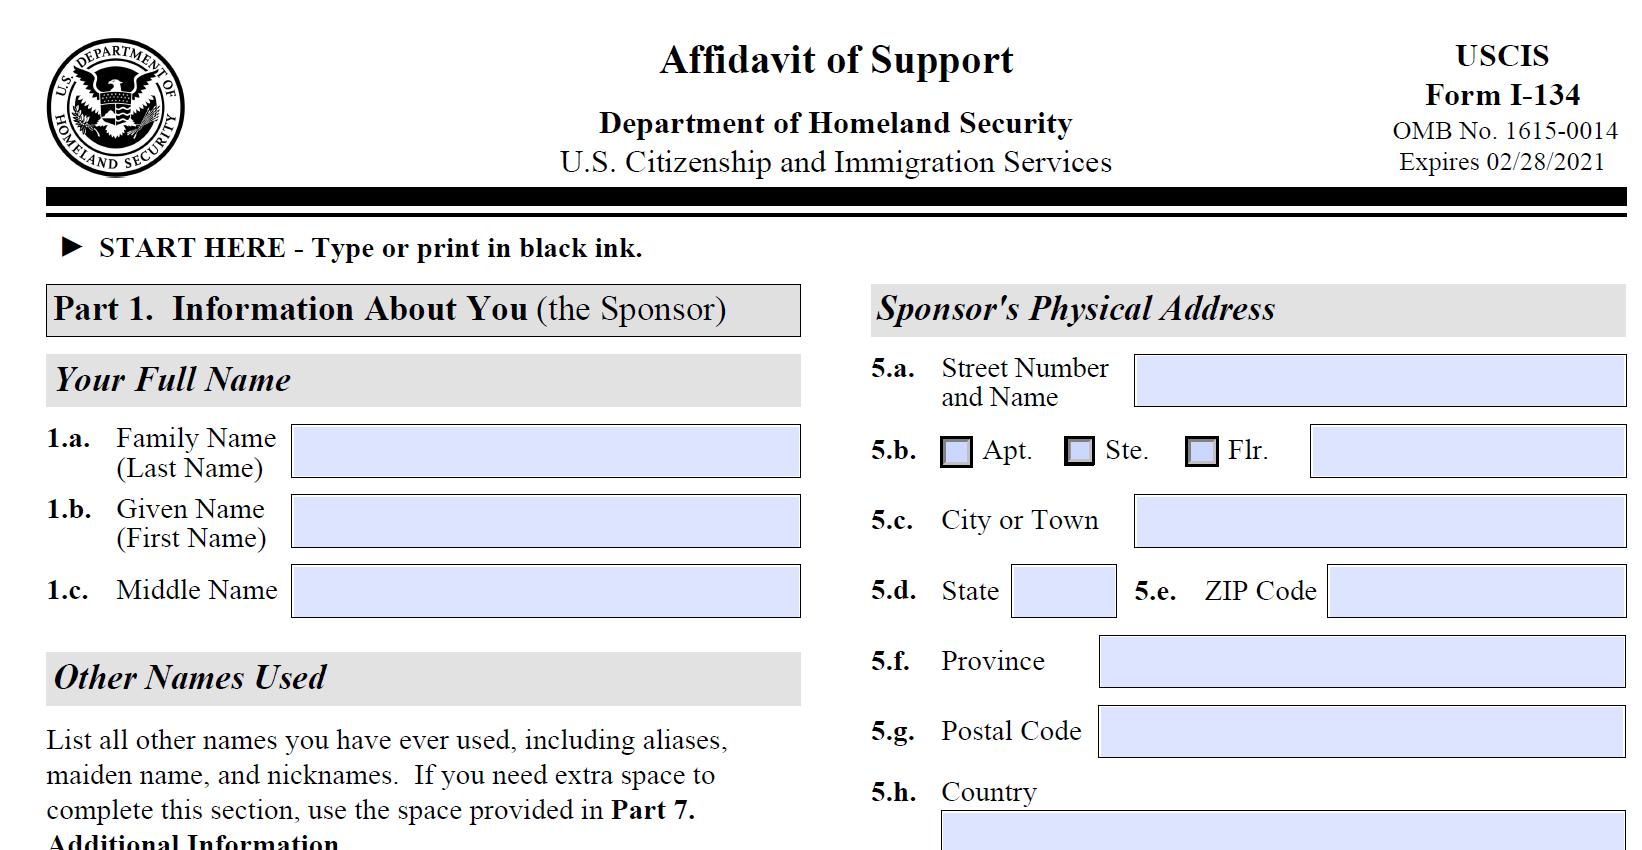 Form I-134 Affidavit of Support